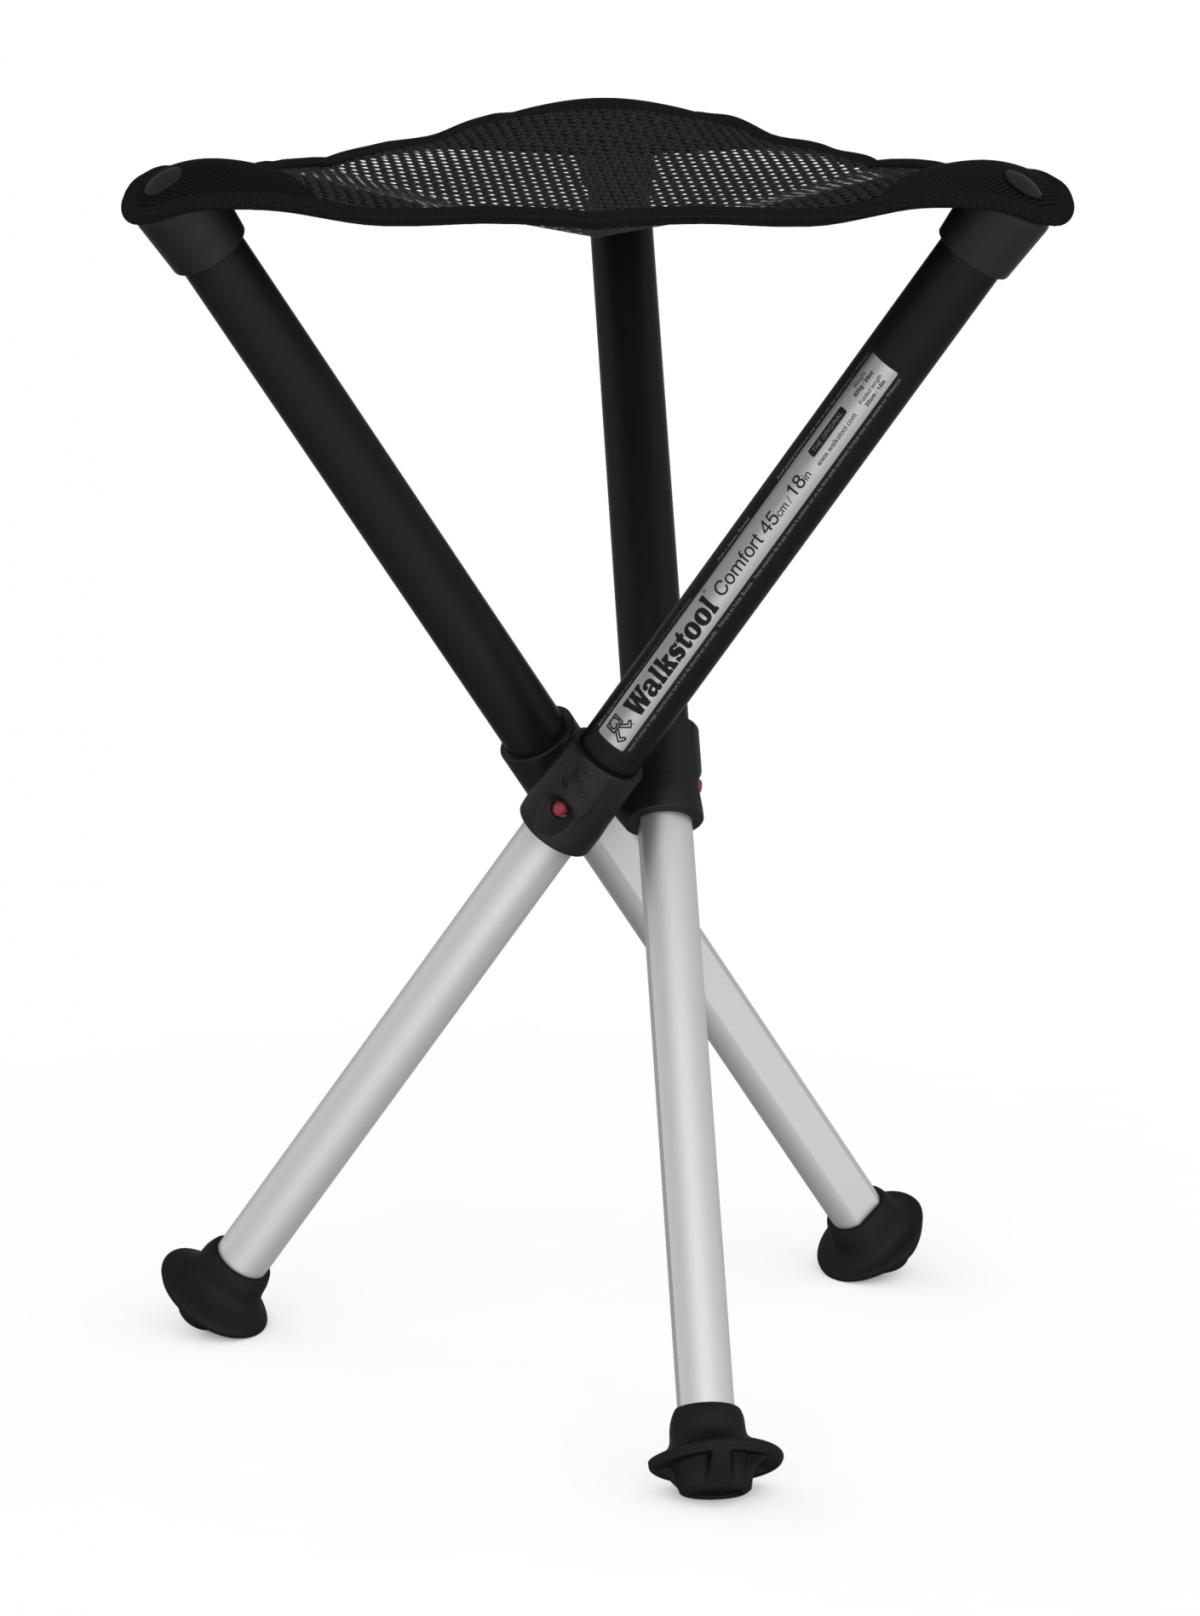 Teleskopska stolica Walkstool comfort XXL 45